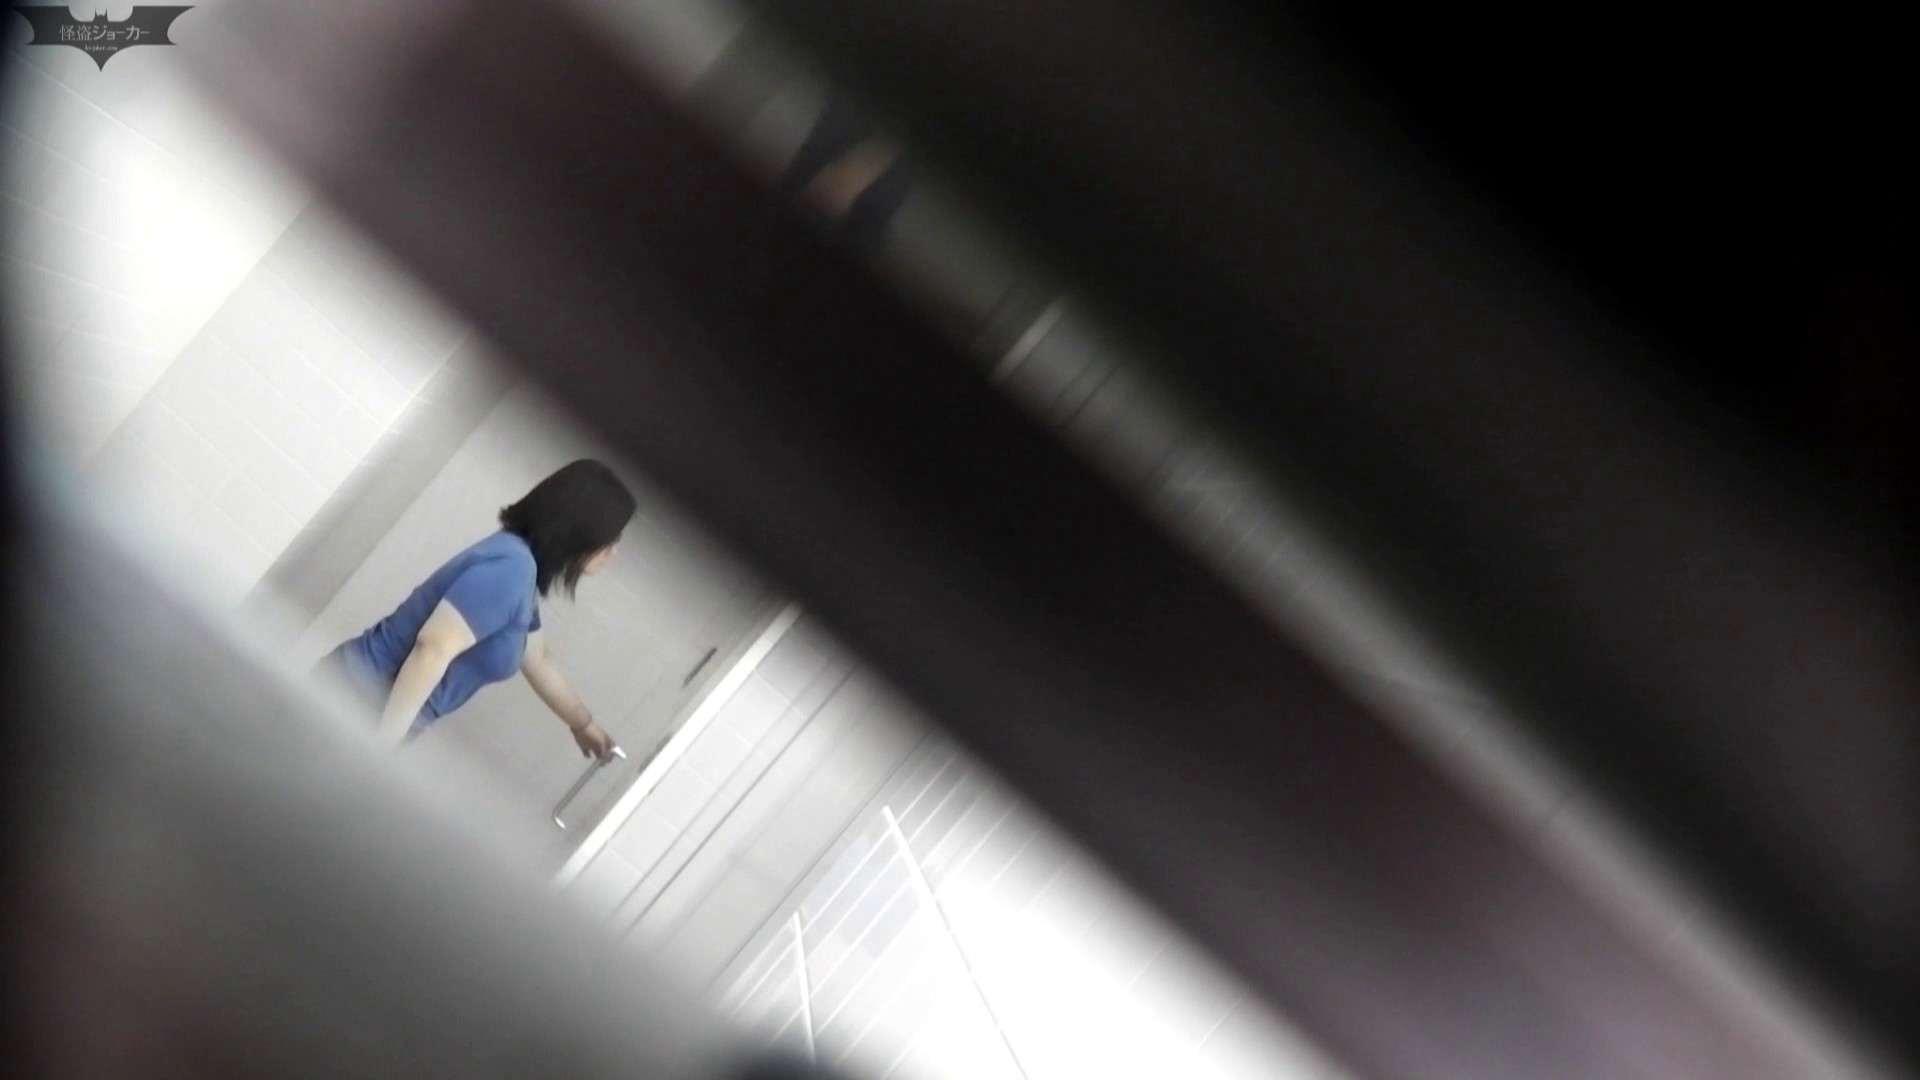 お銀 vol.68 無謀に通路に飛び出て一番明るいフロント撮り実現、見所満載 洗面所  94連発 69